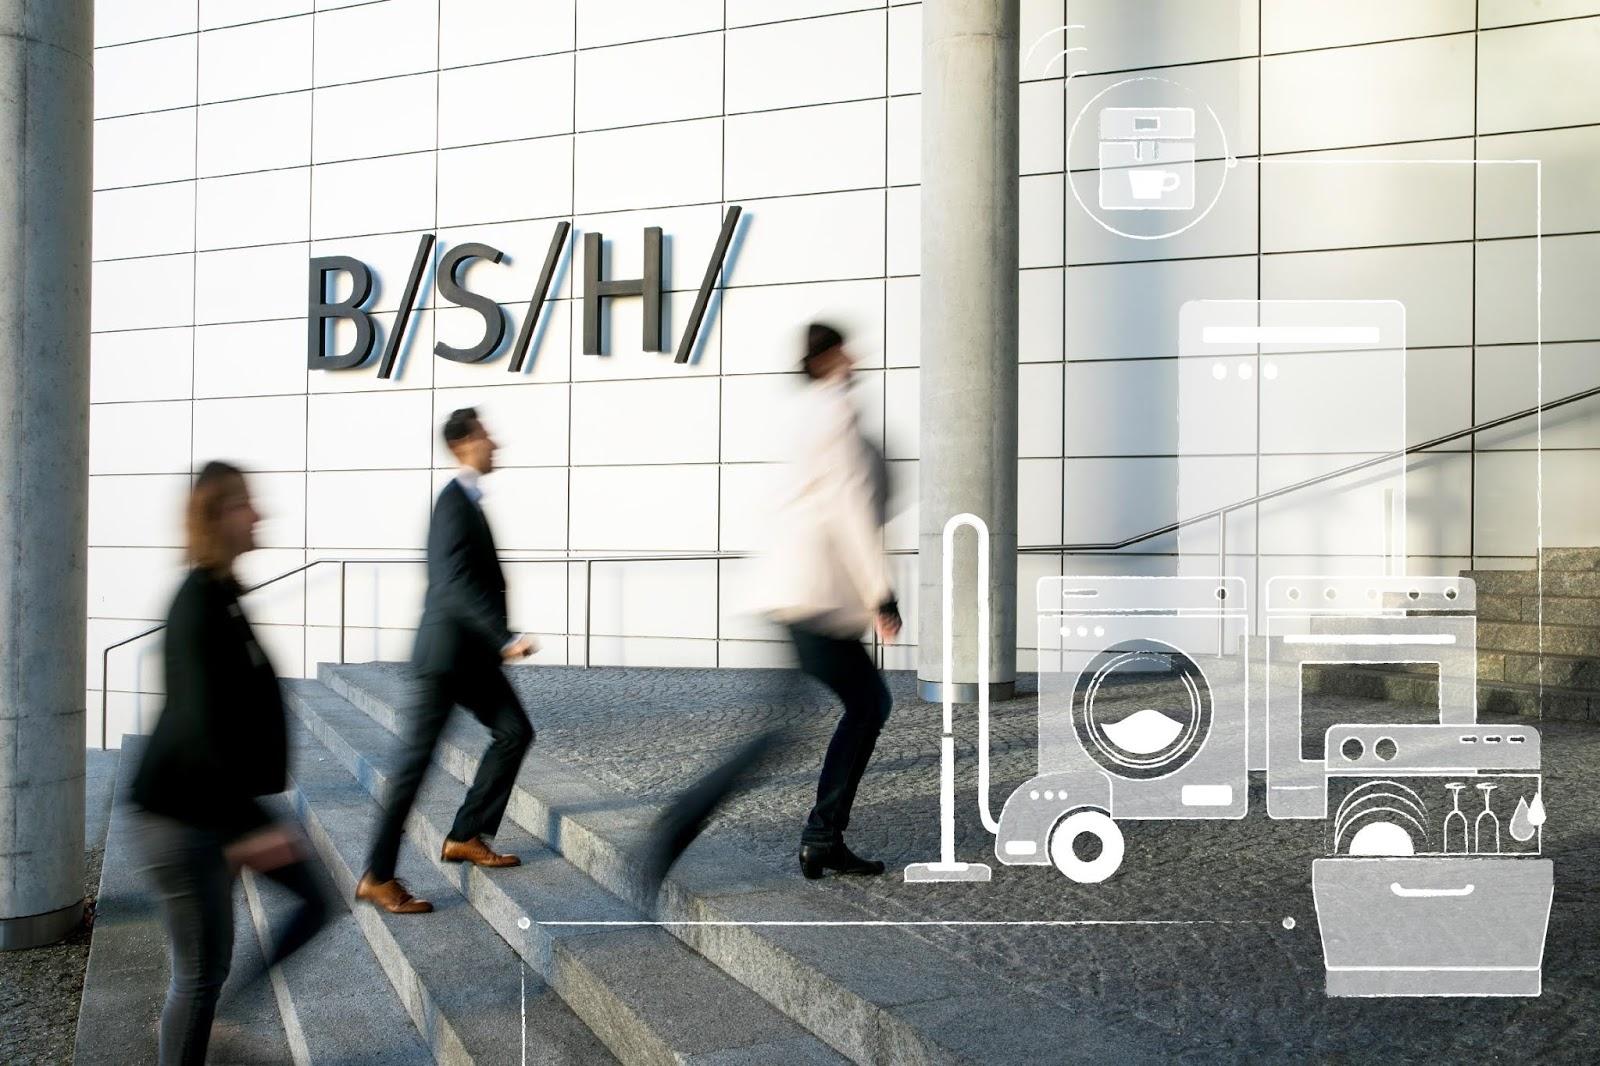 BSH ผู้ผลิตเครื่องใช้ไฟฟ้าชั้นนำจากประเทศเยอรมนี เช่น Bosch และ Gaggenau เผยเติบโตในช่องทางขายออนไลน์ และให้ความสำคัญทำตลาดในประเทศไทย